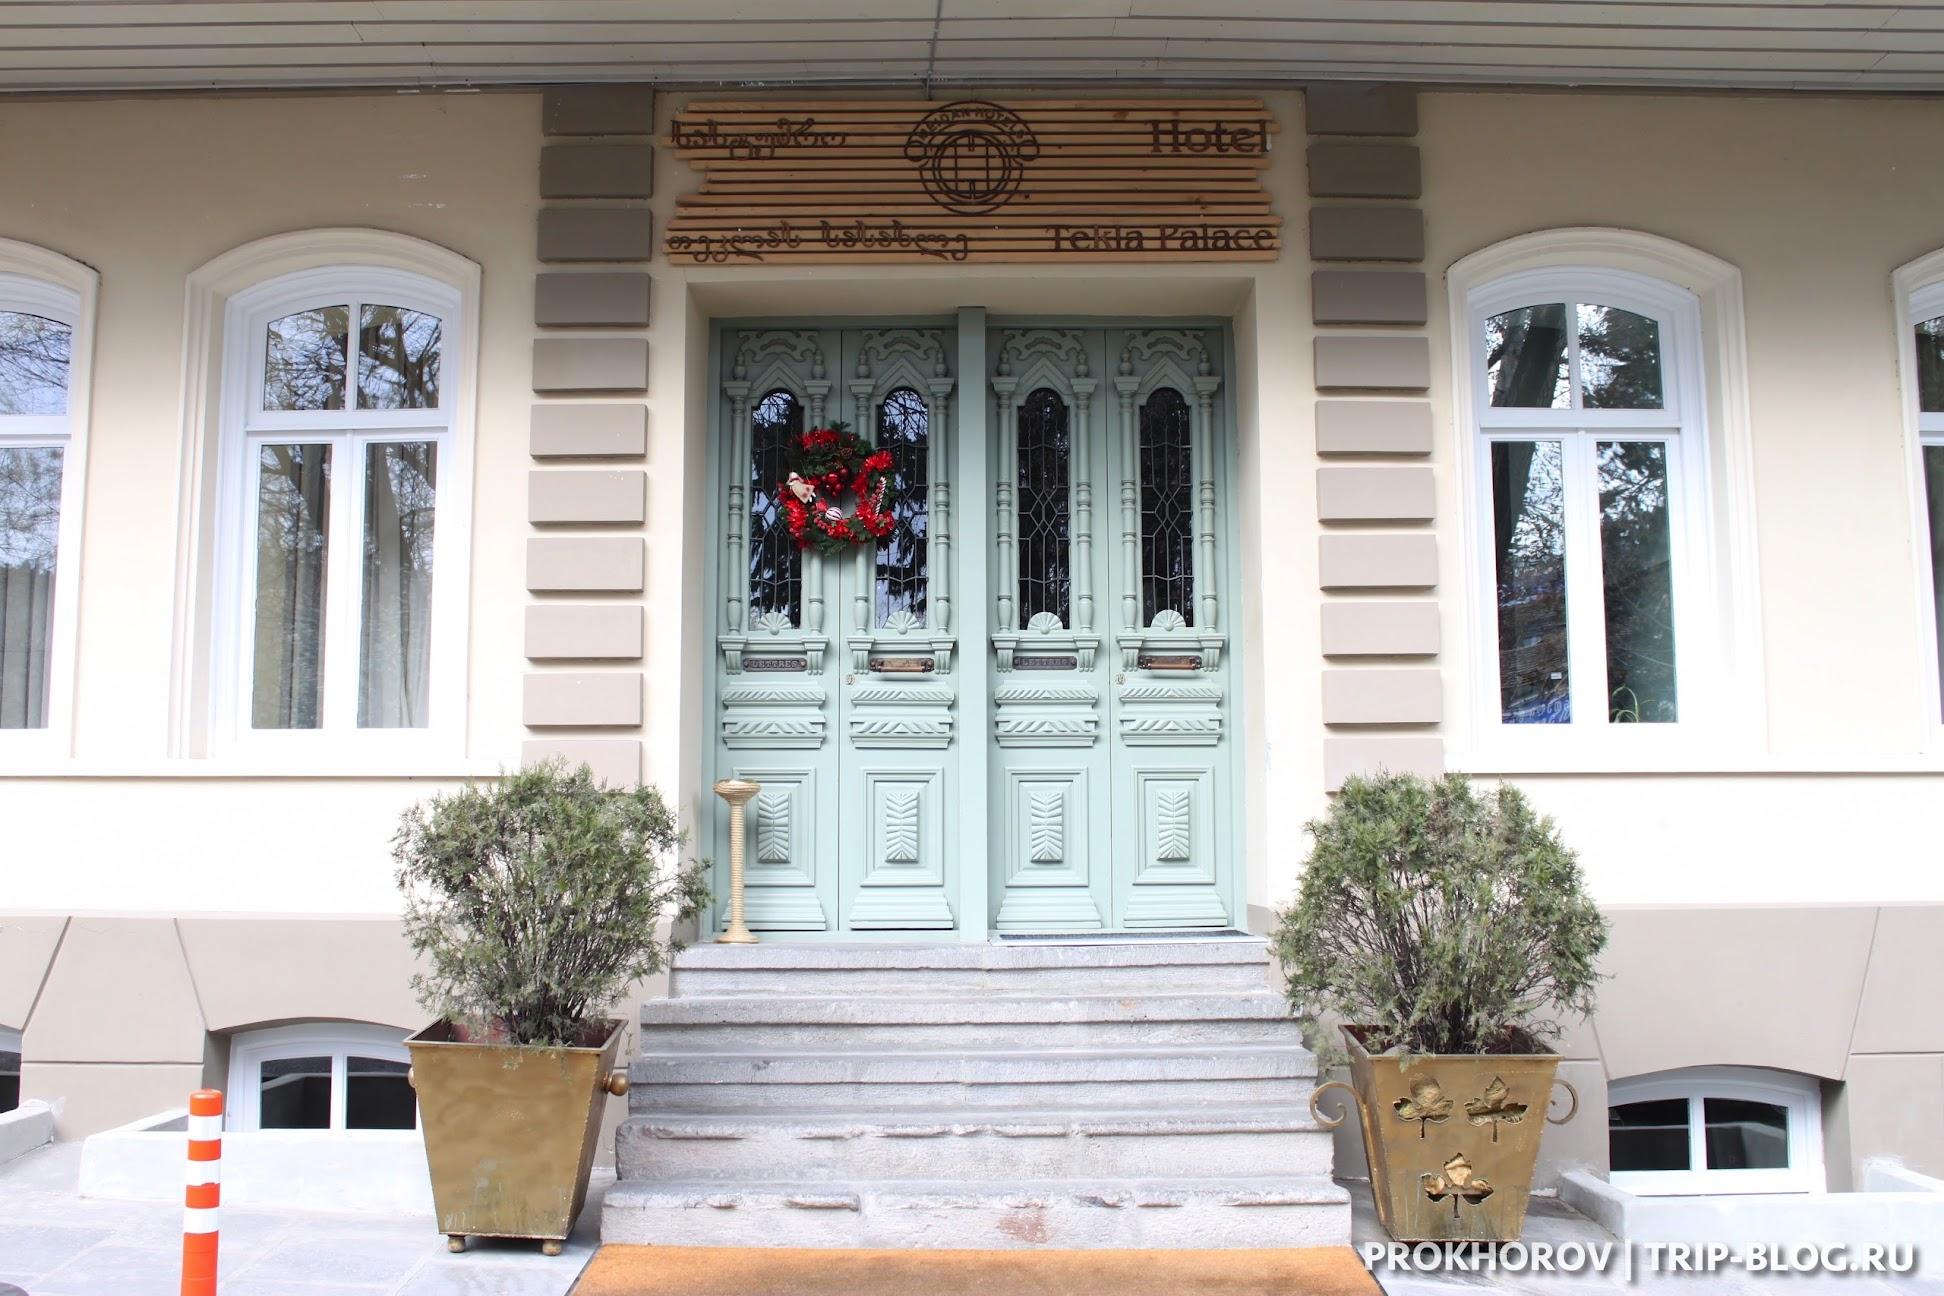 Отели Тбилиси в центре Tekla Palace